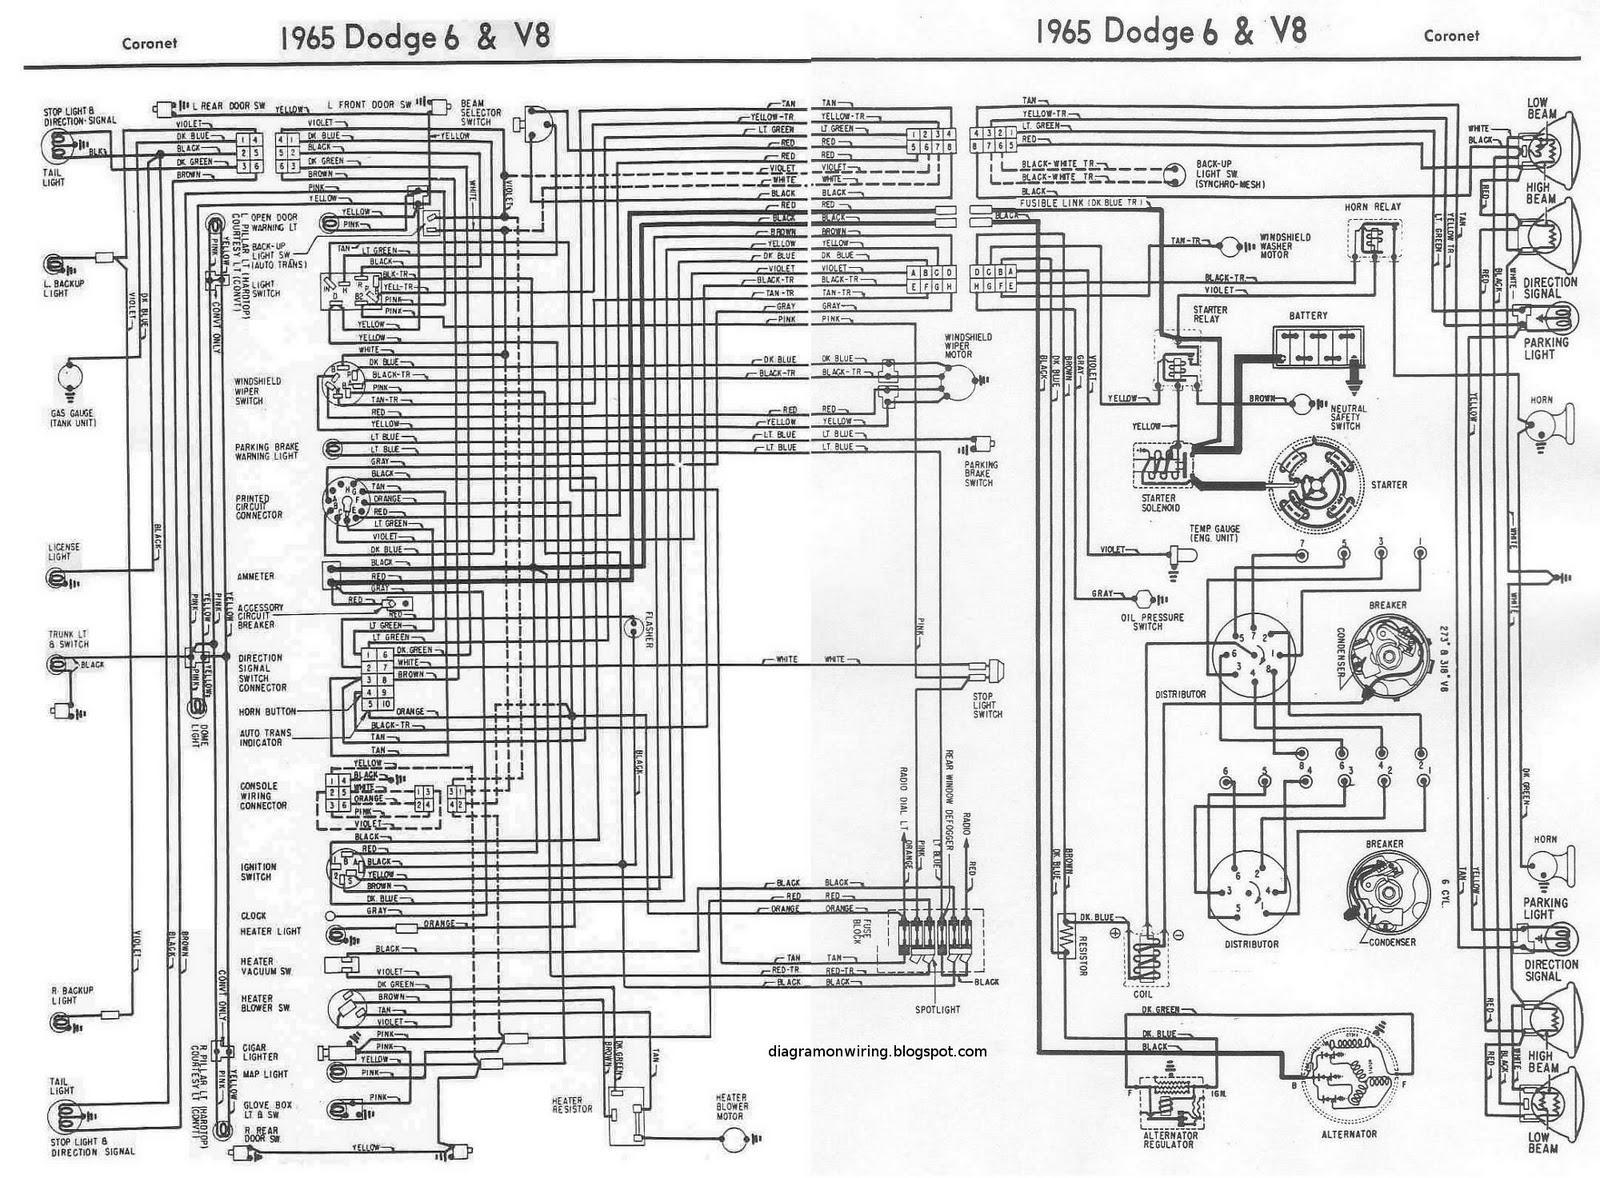 Modern 1969 Mustang Wiring Diagram Online Embellishment - Wiring ...